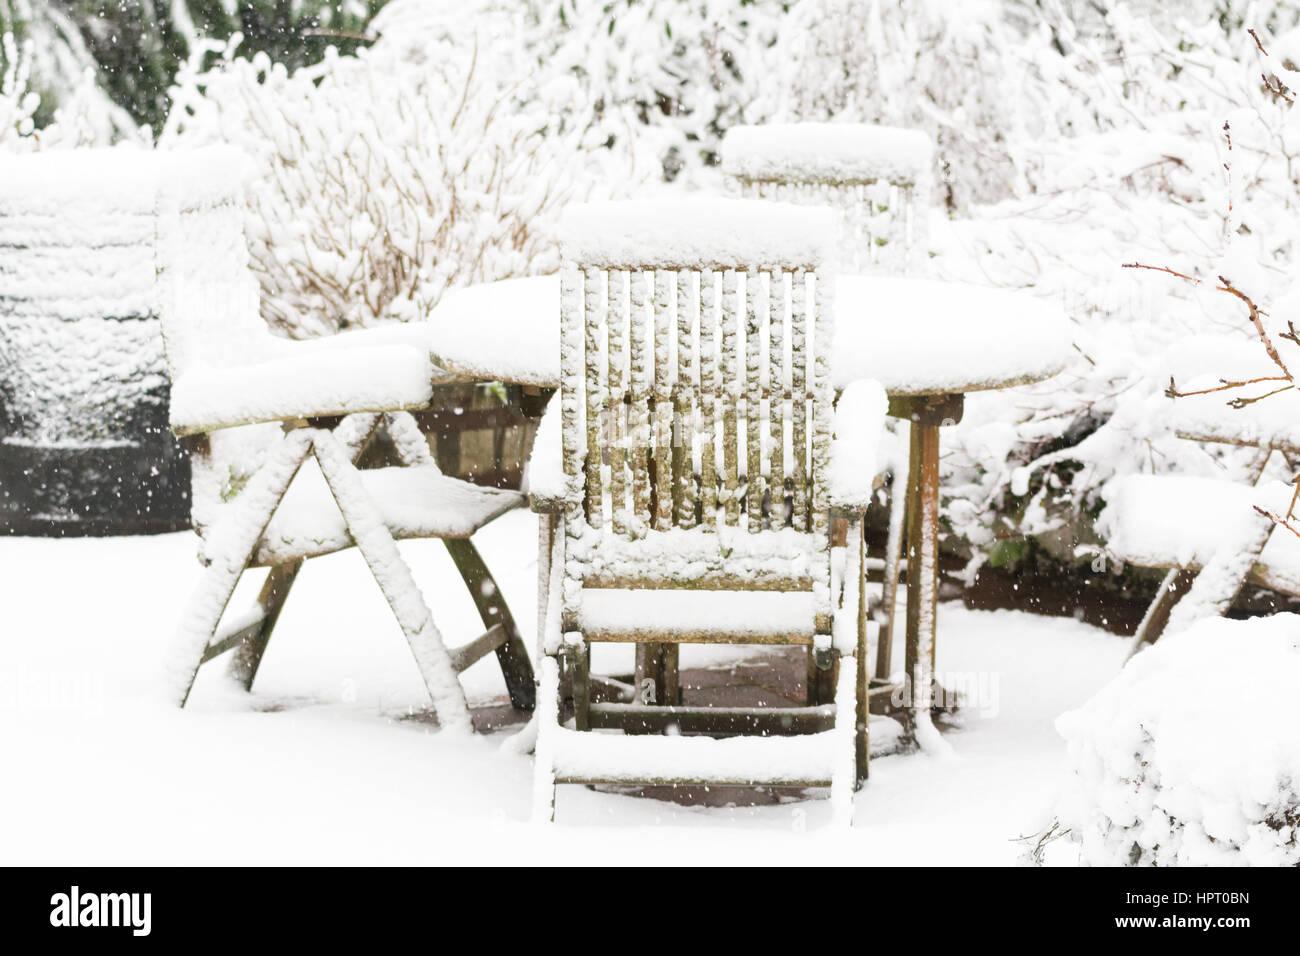 Giardino di neve - mobili da giardino, sedie e tavolo coperto di neve profonda Immagini Stock